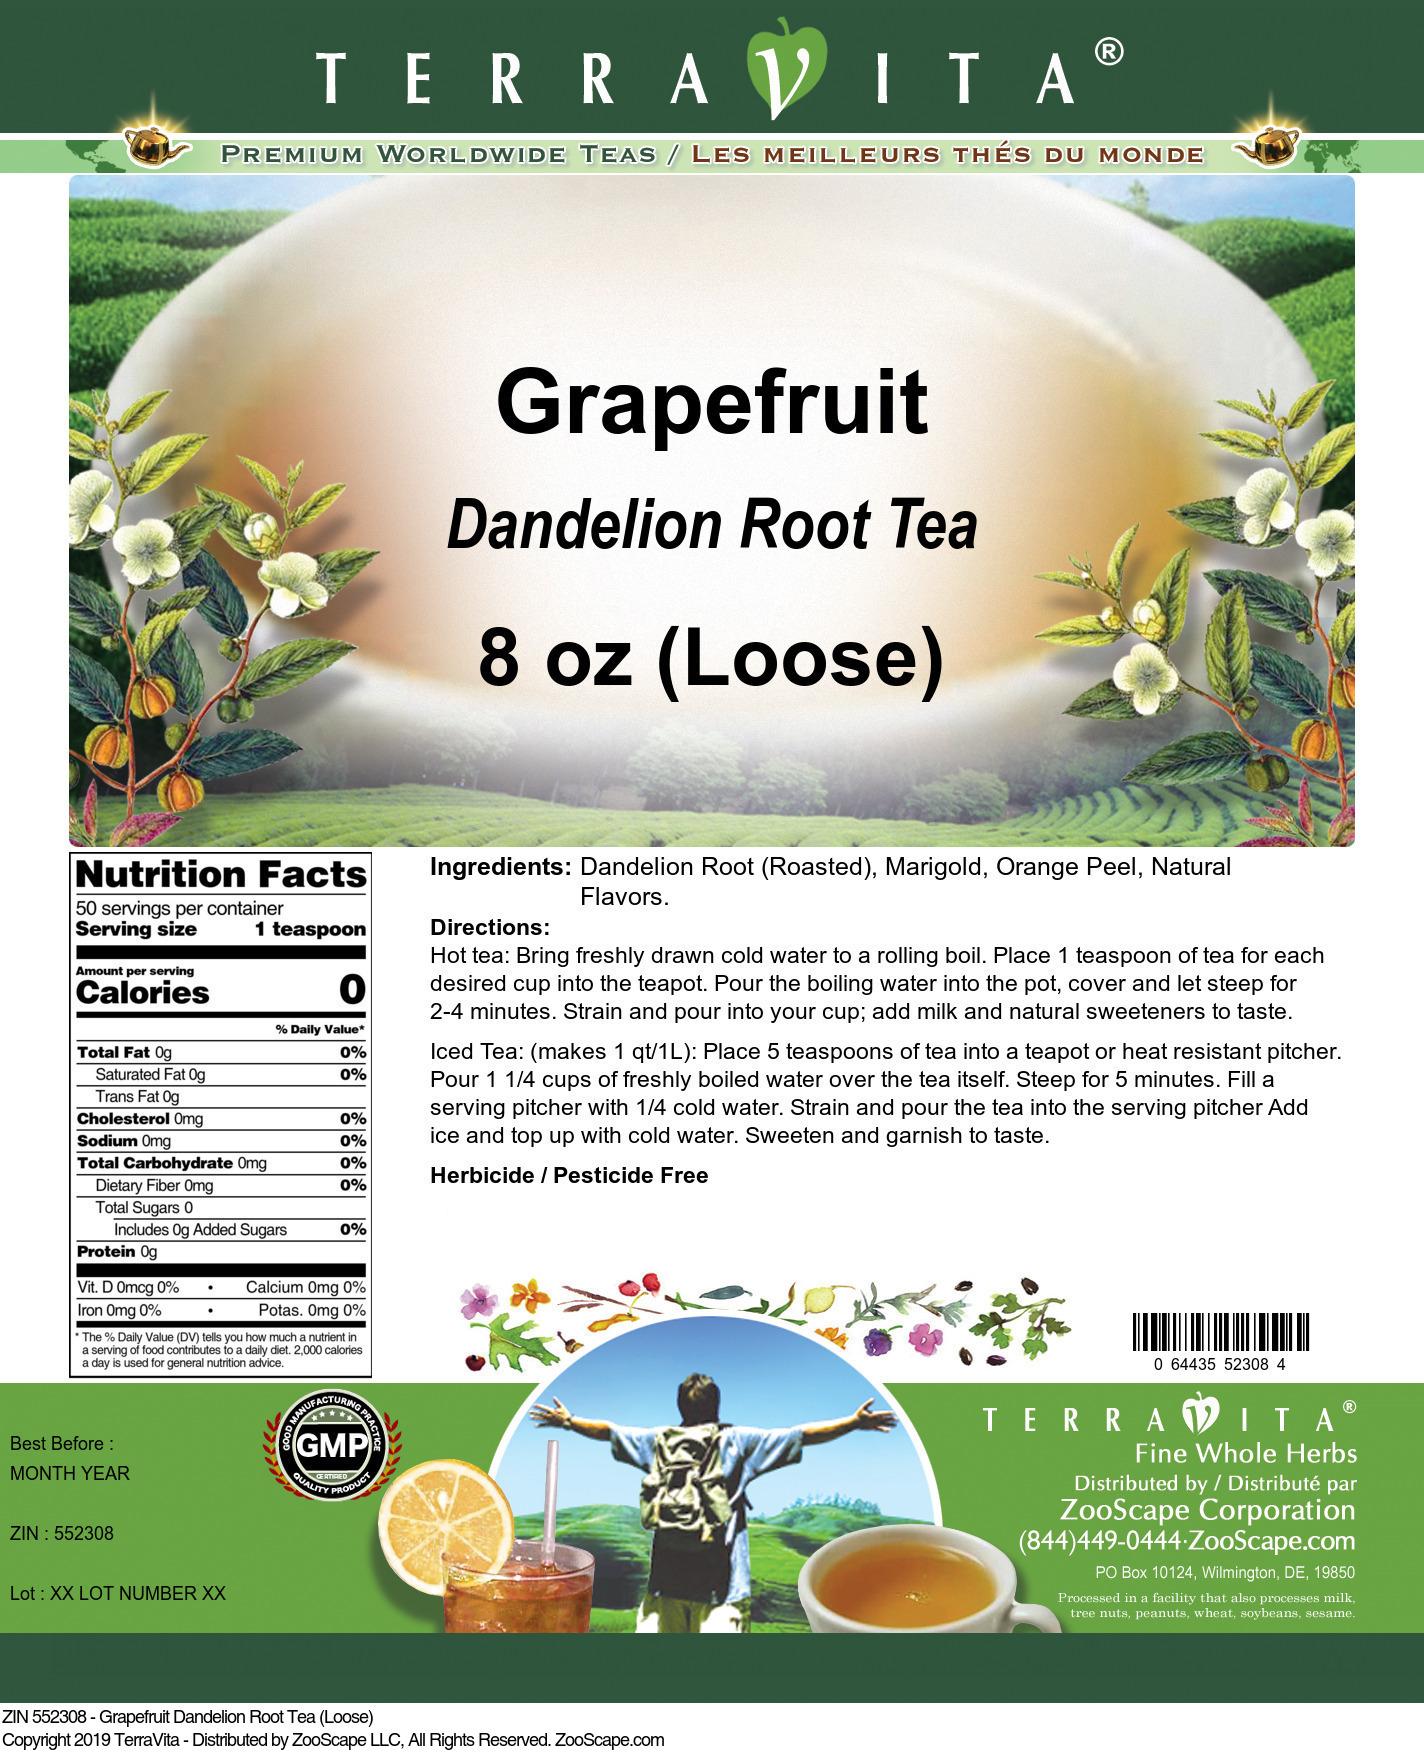 Grapefruit Dandelion Root